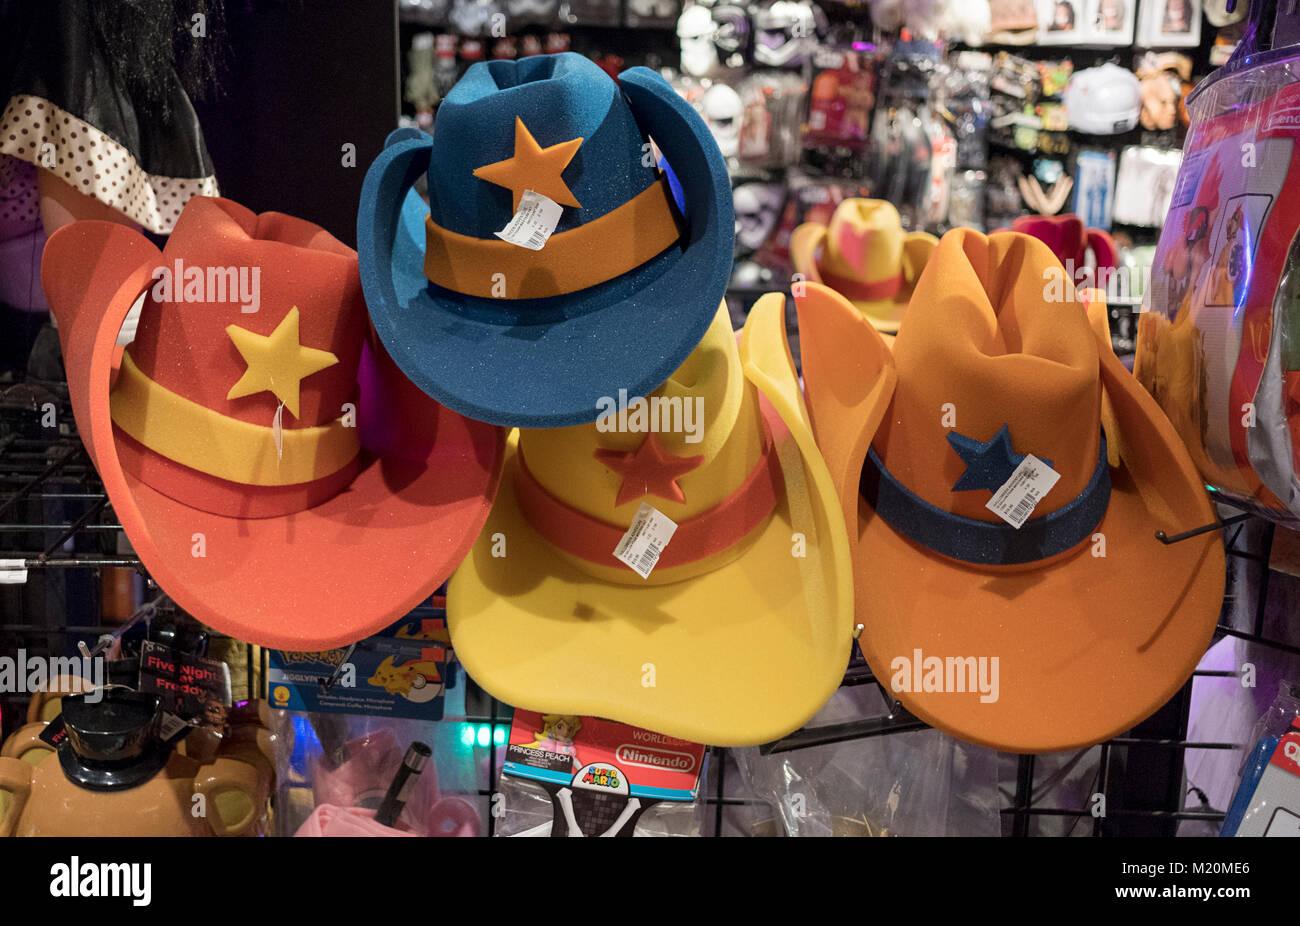 Sovradimensionato schiuma colorati cappelli da cowboy in vendita presso  l avventura di Halloween costume store edbacaed7b8e